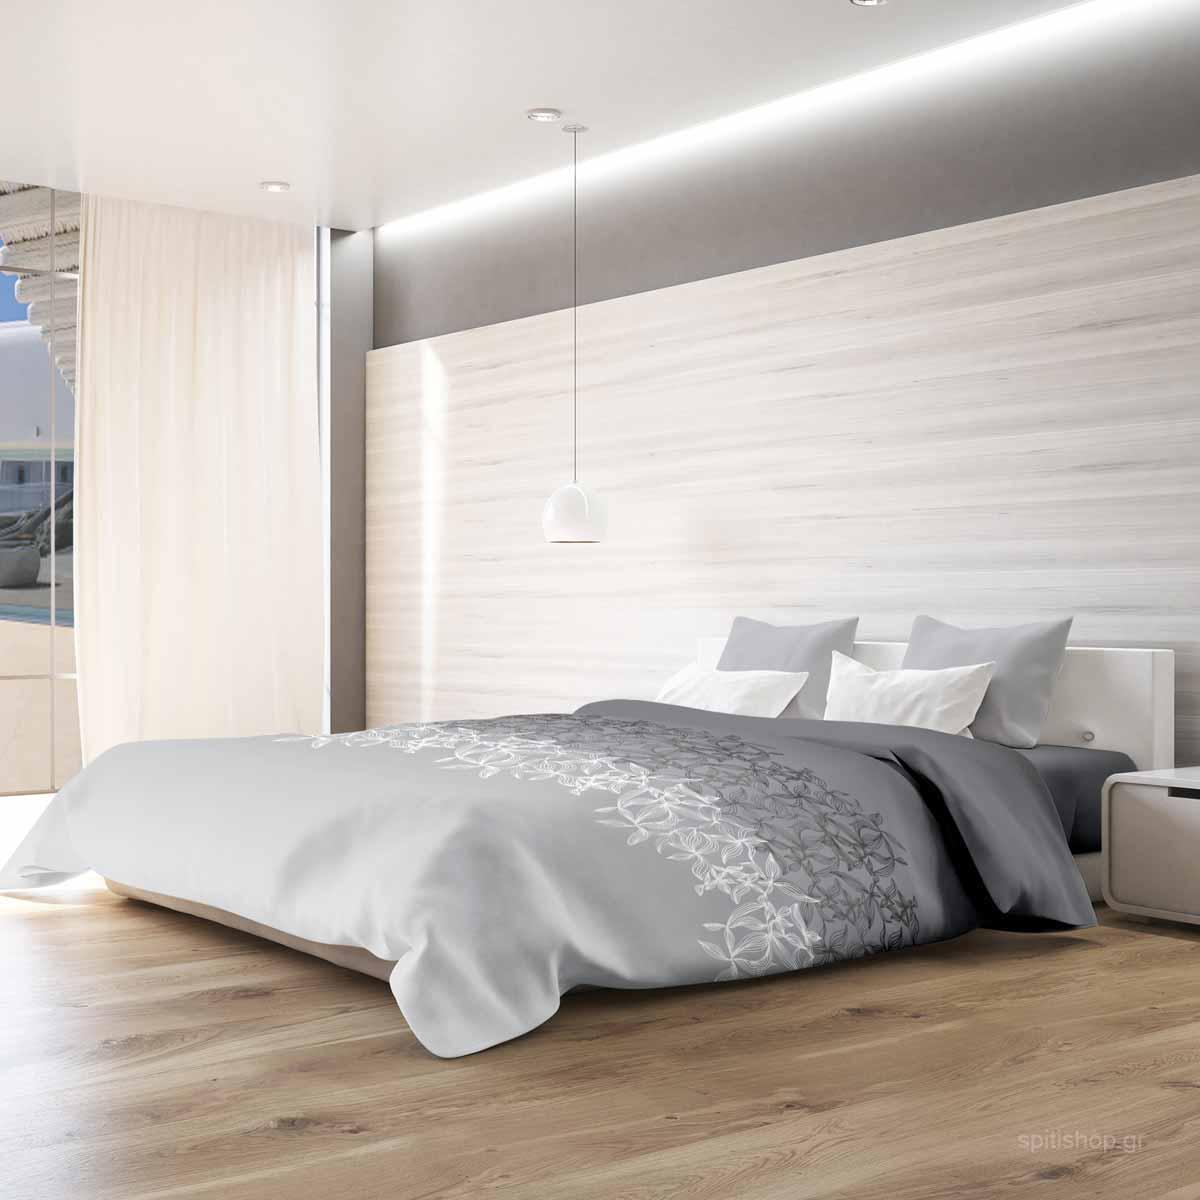 Σεντόνια Υπέρδιπλα (Σετ) Makis Tselios Toscana Grey ΜΕ ΛΑΣΤΙΧΟ 160×200+20 ΜΕ ΛΑΣΤΙΧΟ 160×200+20